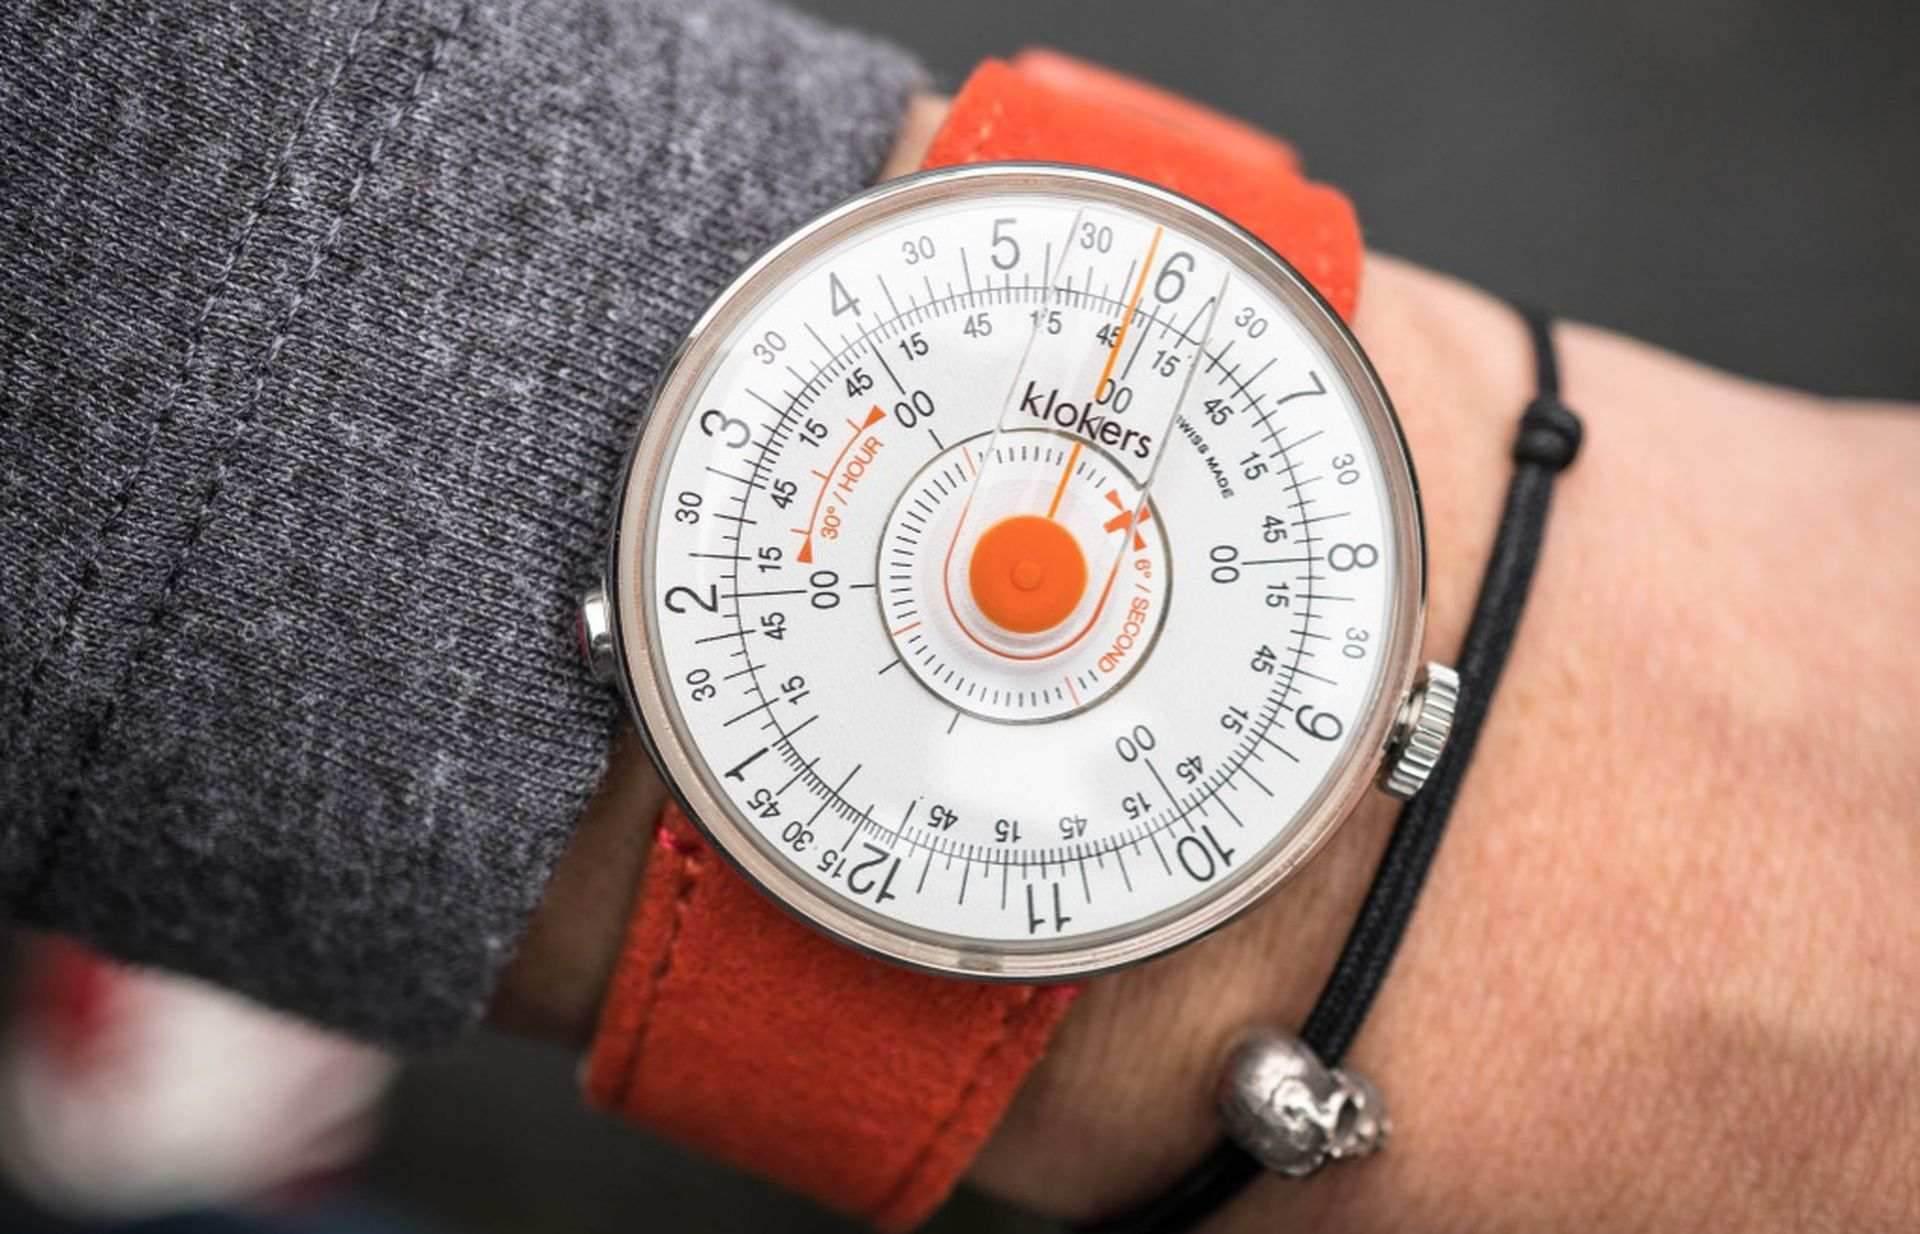 向1960自由年代致意:KLOKERS KLOK-08腕錶玩新意